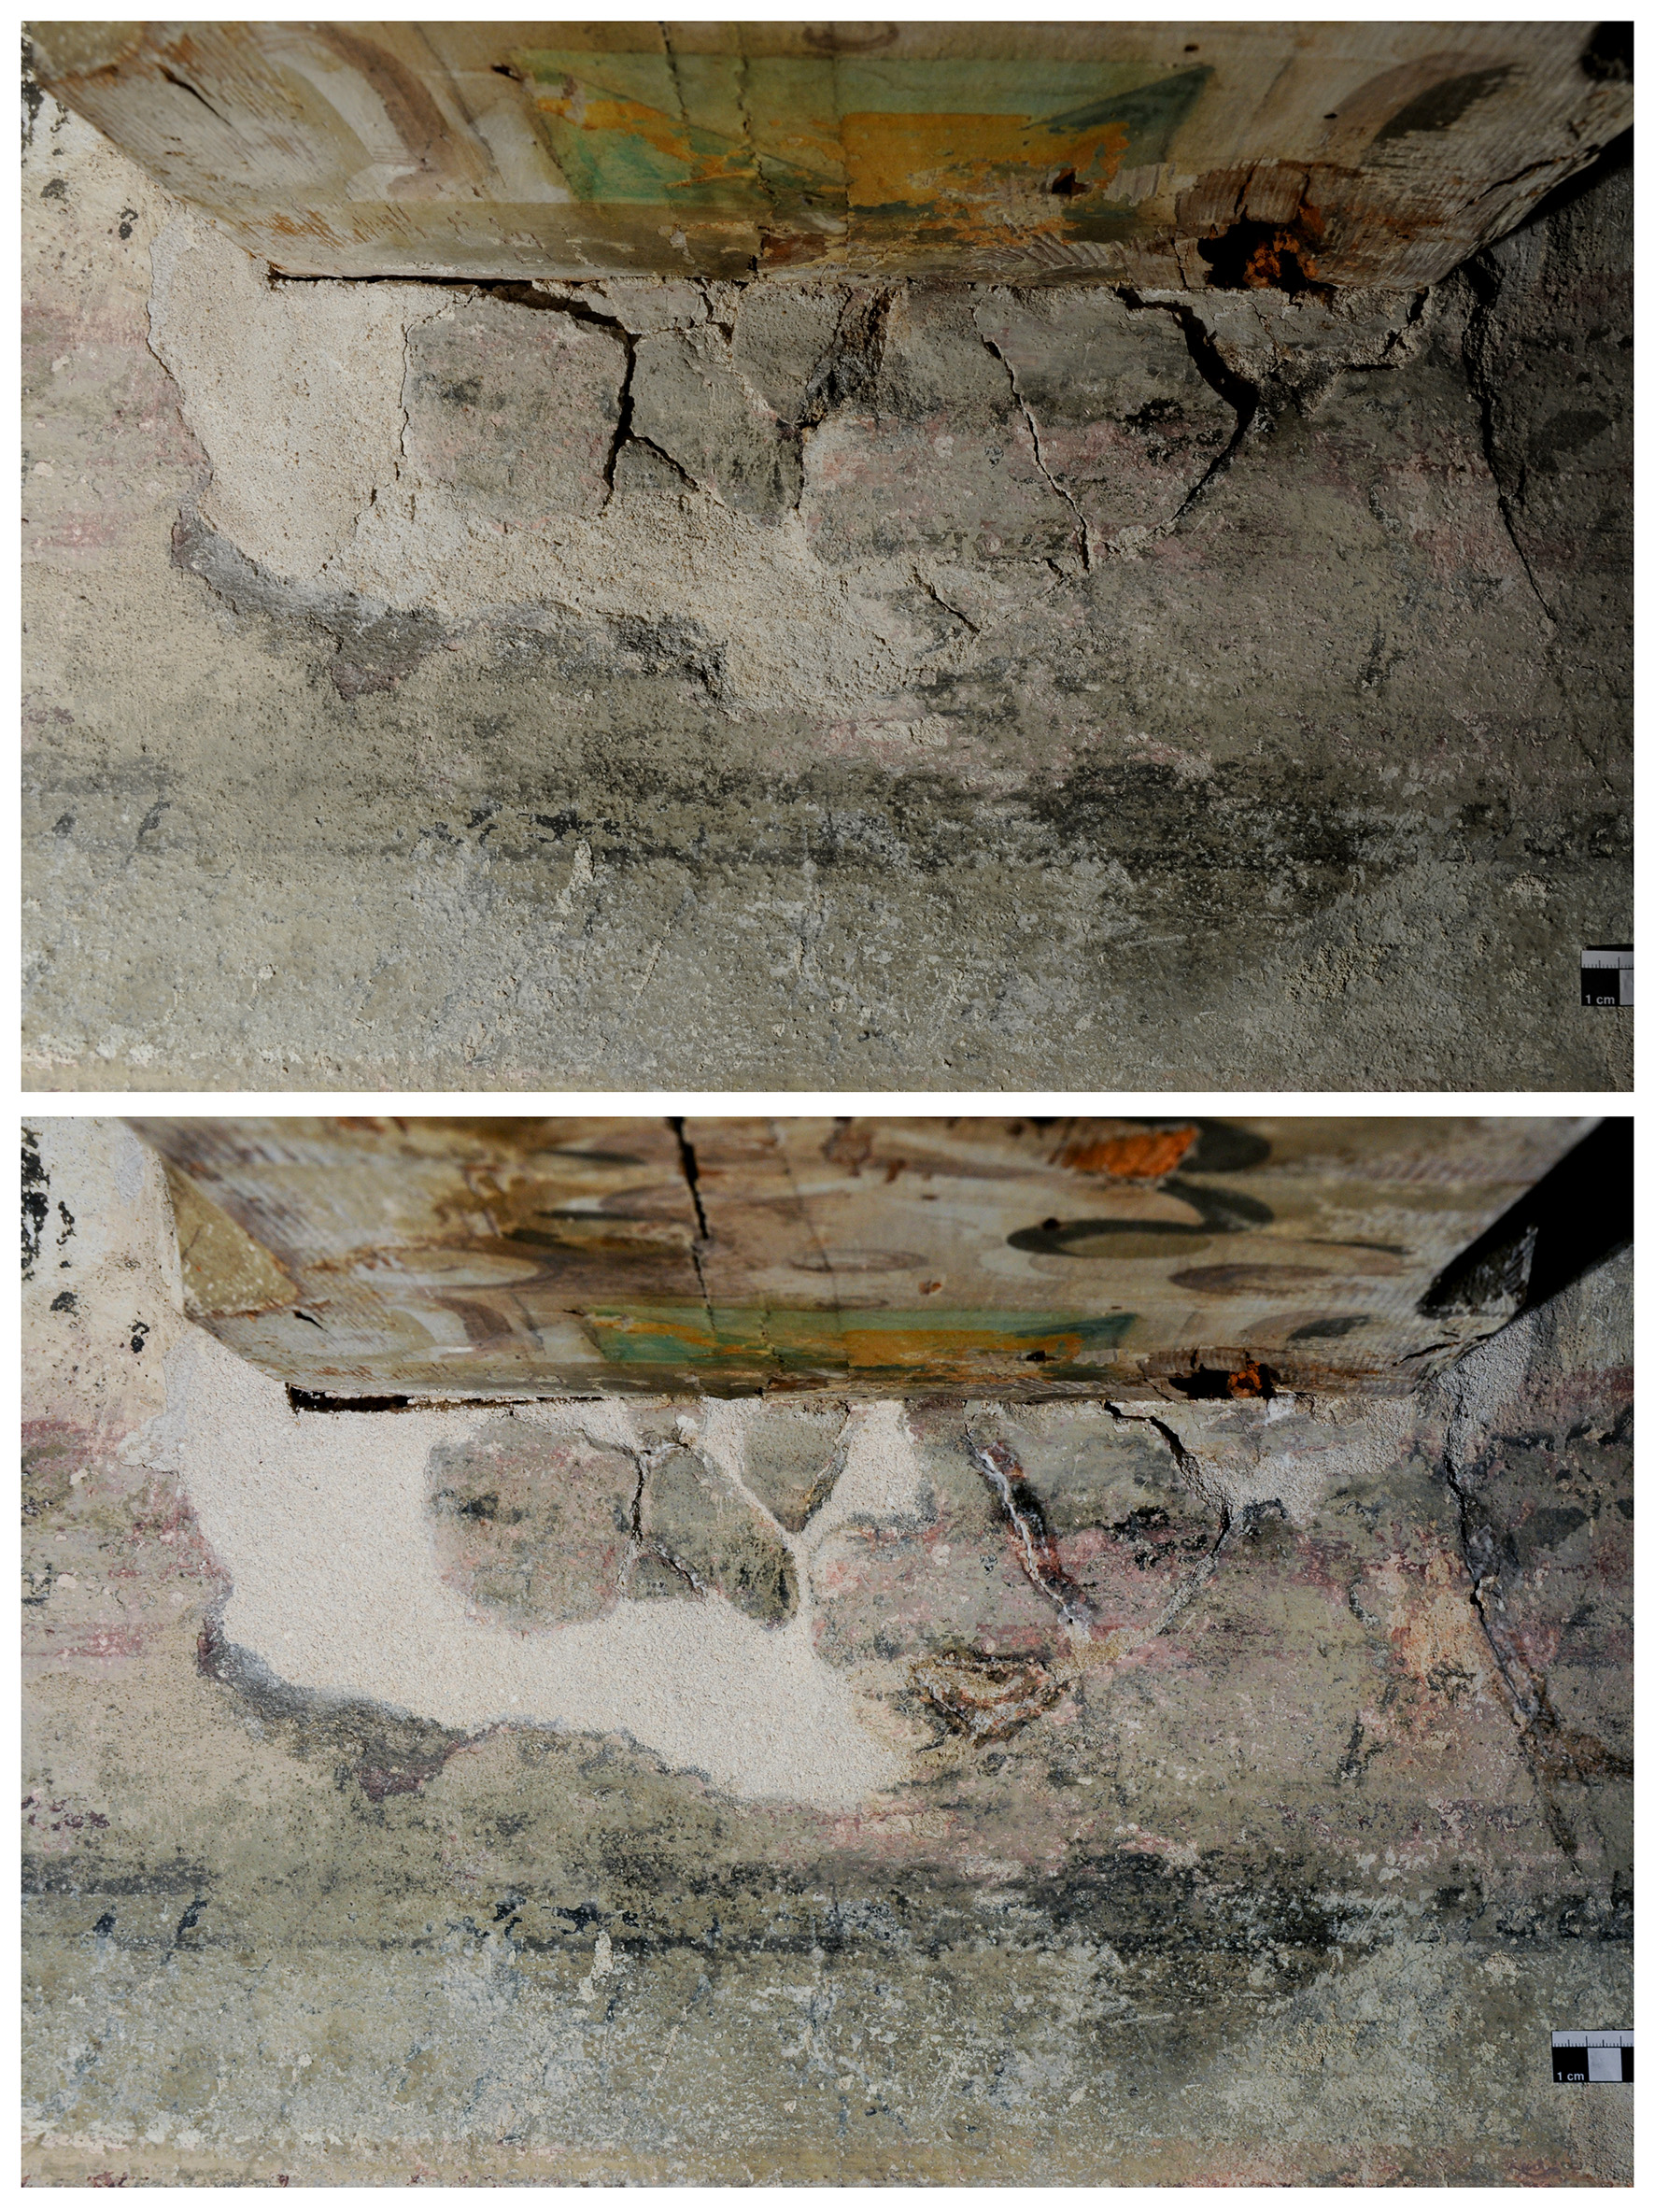 Foto Christine Pieper südliches Frauengemach, Wandmalerei am Anschluss der Deckenbalken, Sicherung des Putzes und der Wandmalerei, Vor- und Nachzustand